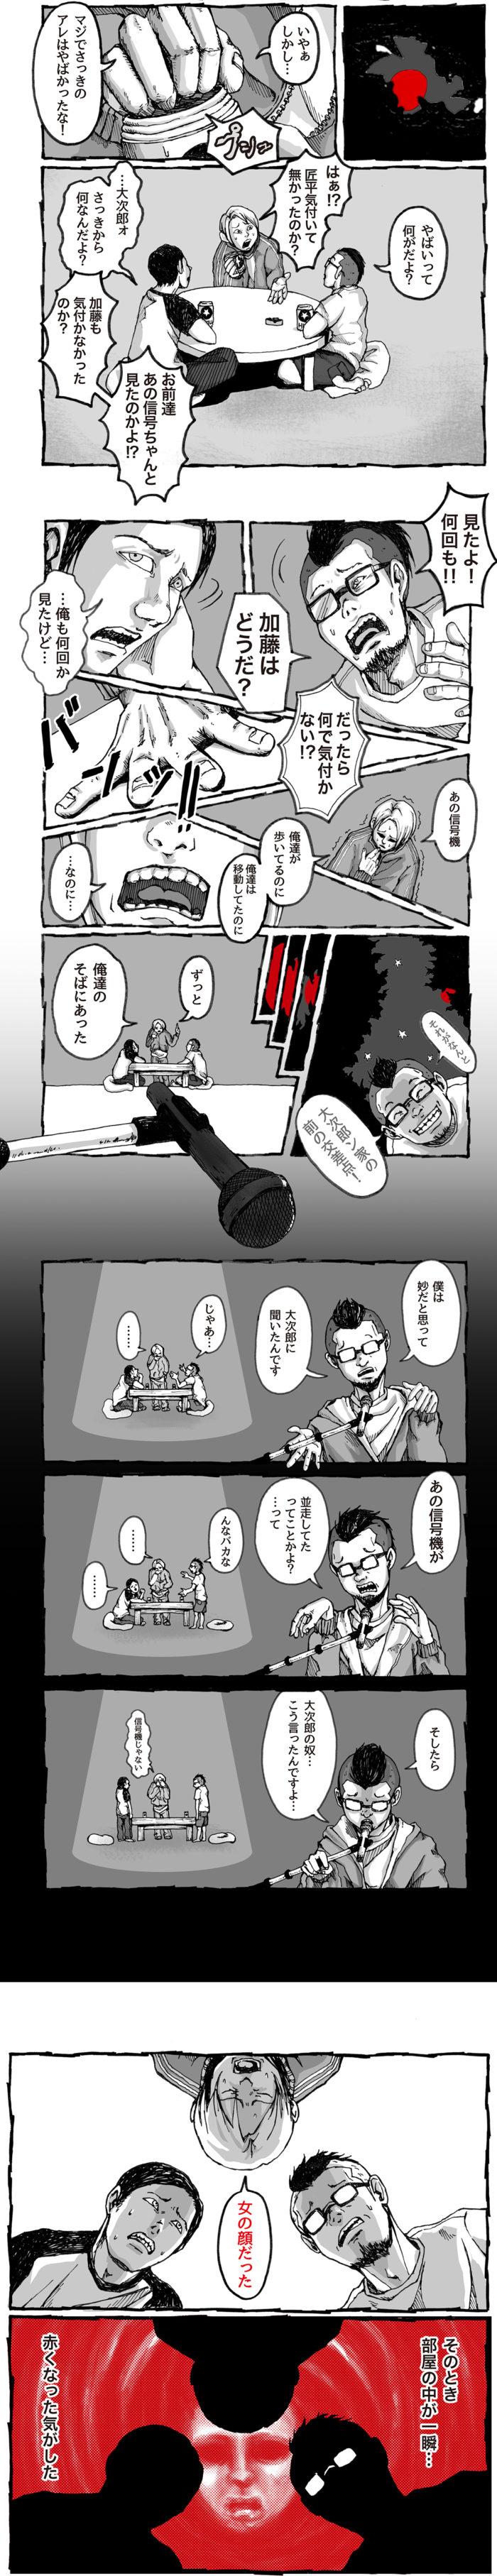 yamiyono03